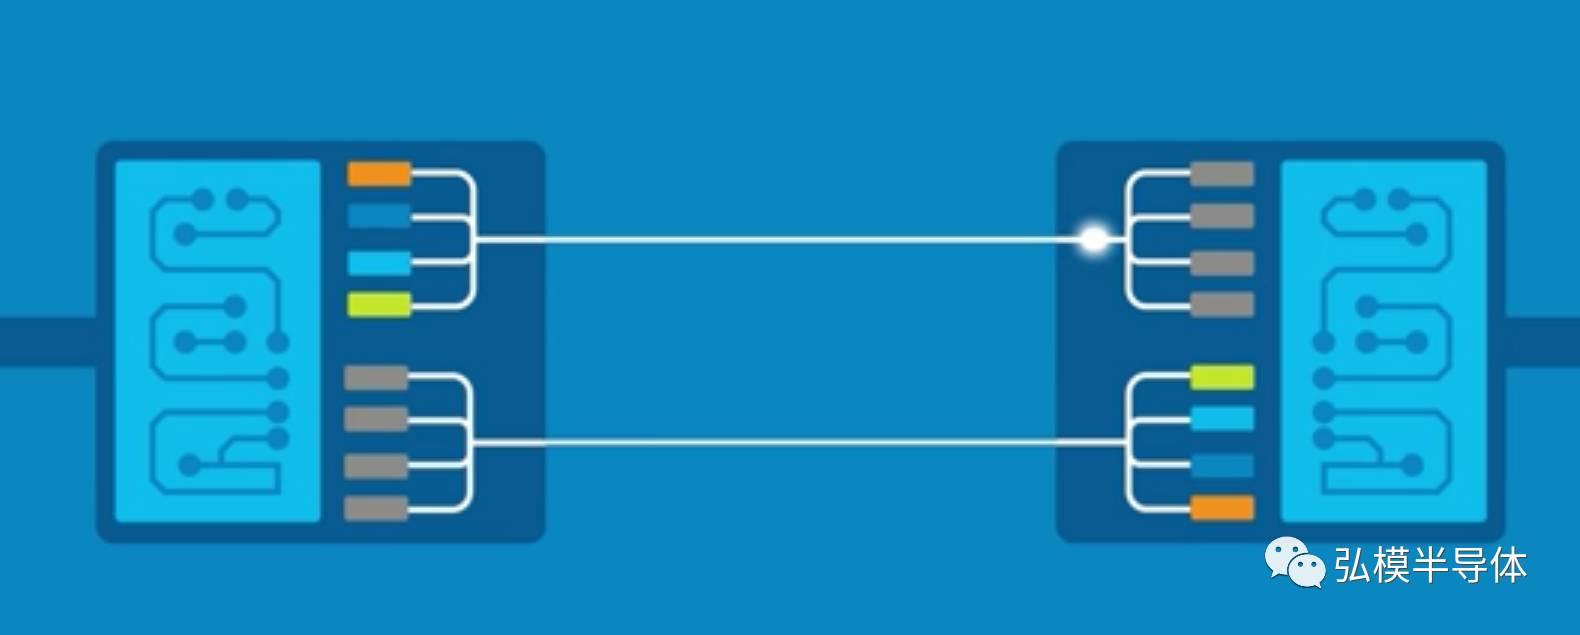 关于硅光电应用下的on-chip ESD的性能分析和介绍